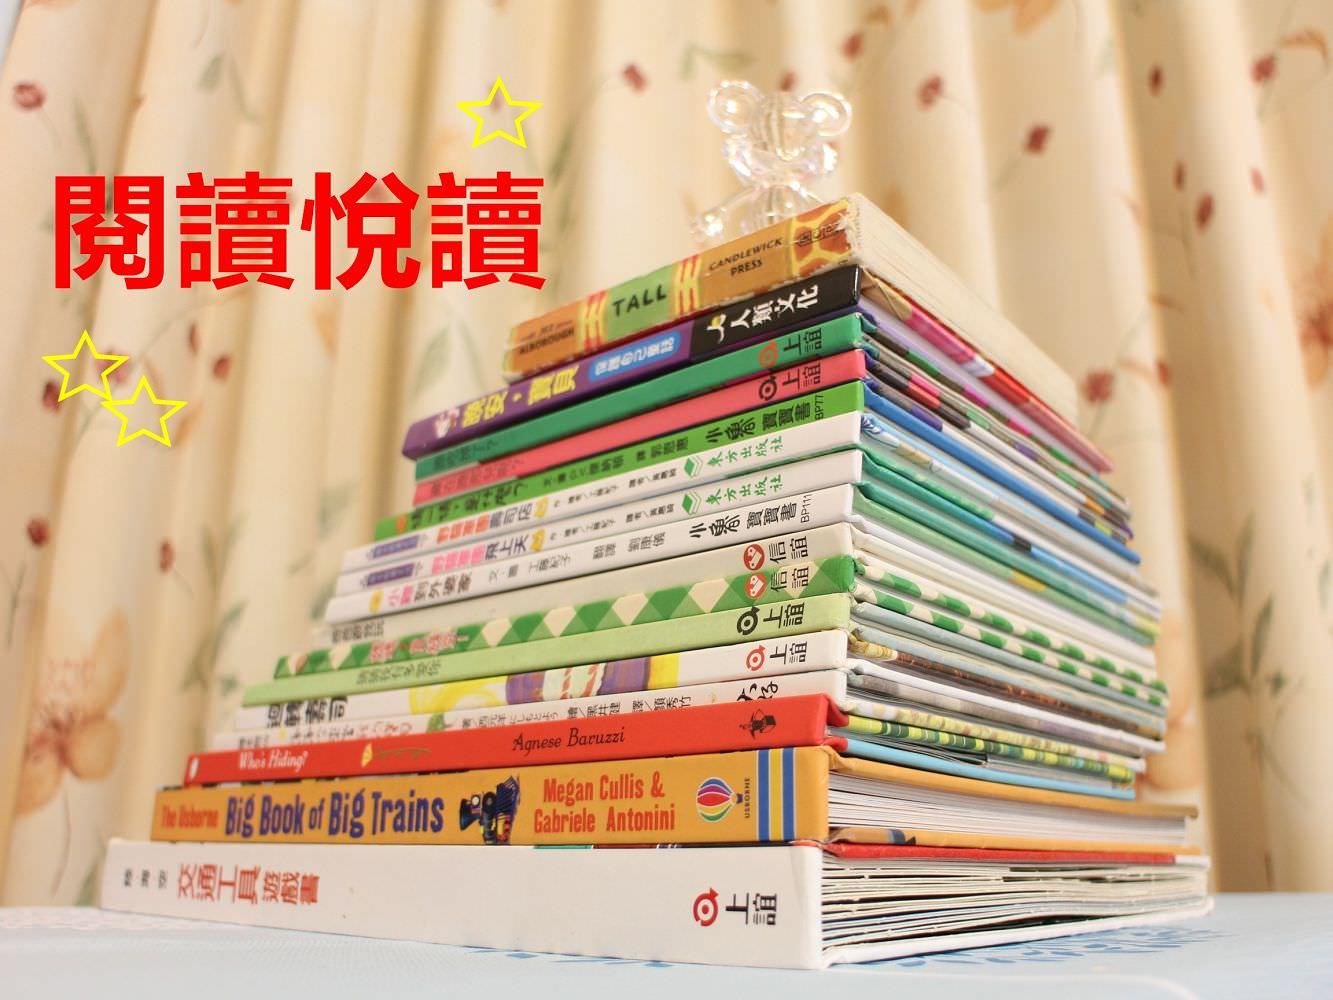 為什麼閱讀?閱讀的重要,知識改變命運,關乎未來能力